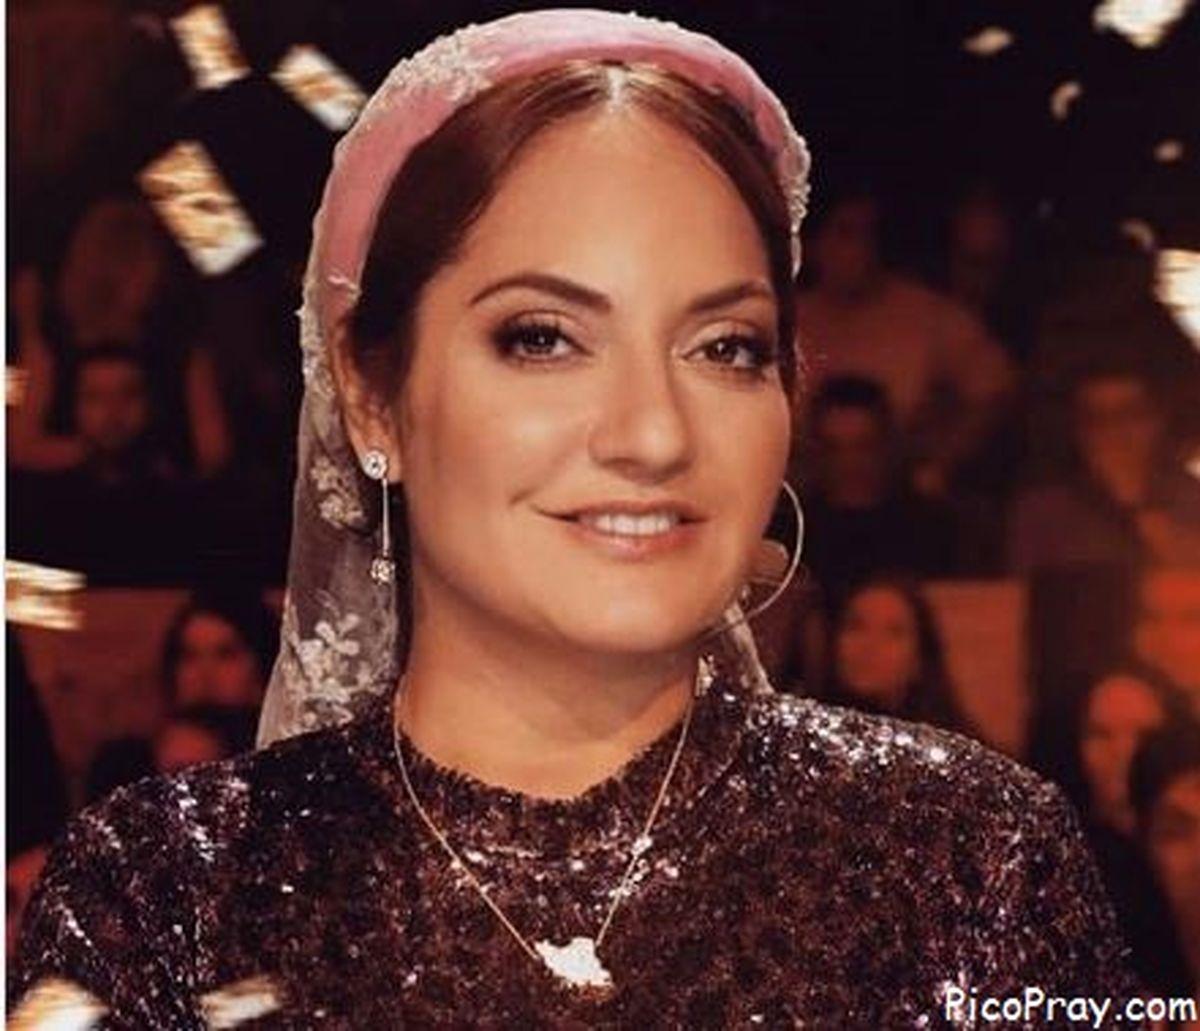 مهناز افشار جنجال عکس بدون حجاب در اینستاگرام  + عکس و بیوگرافی